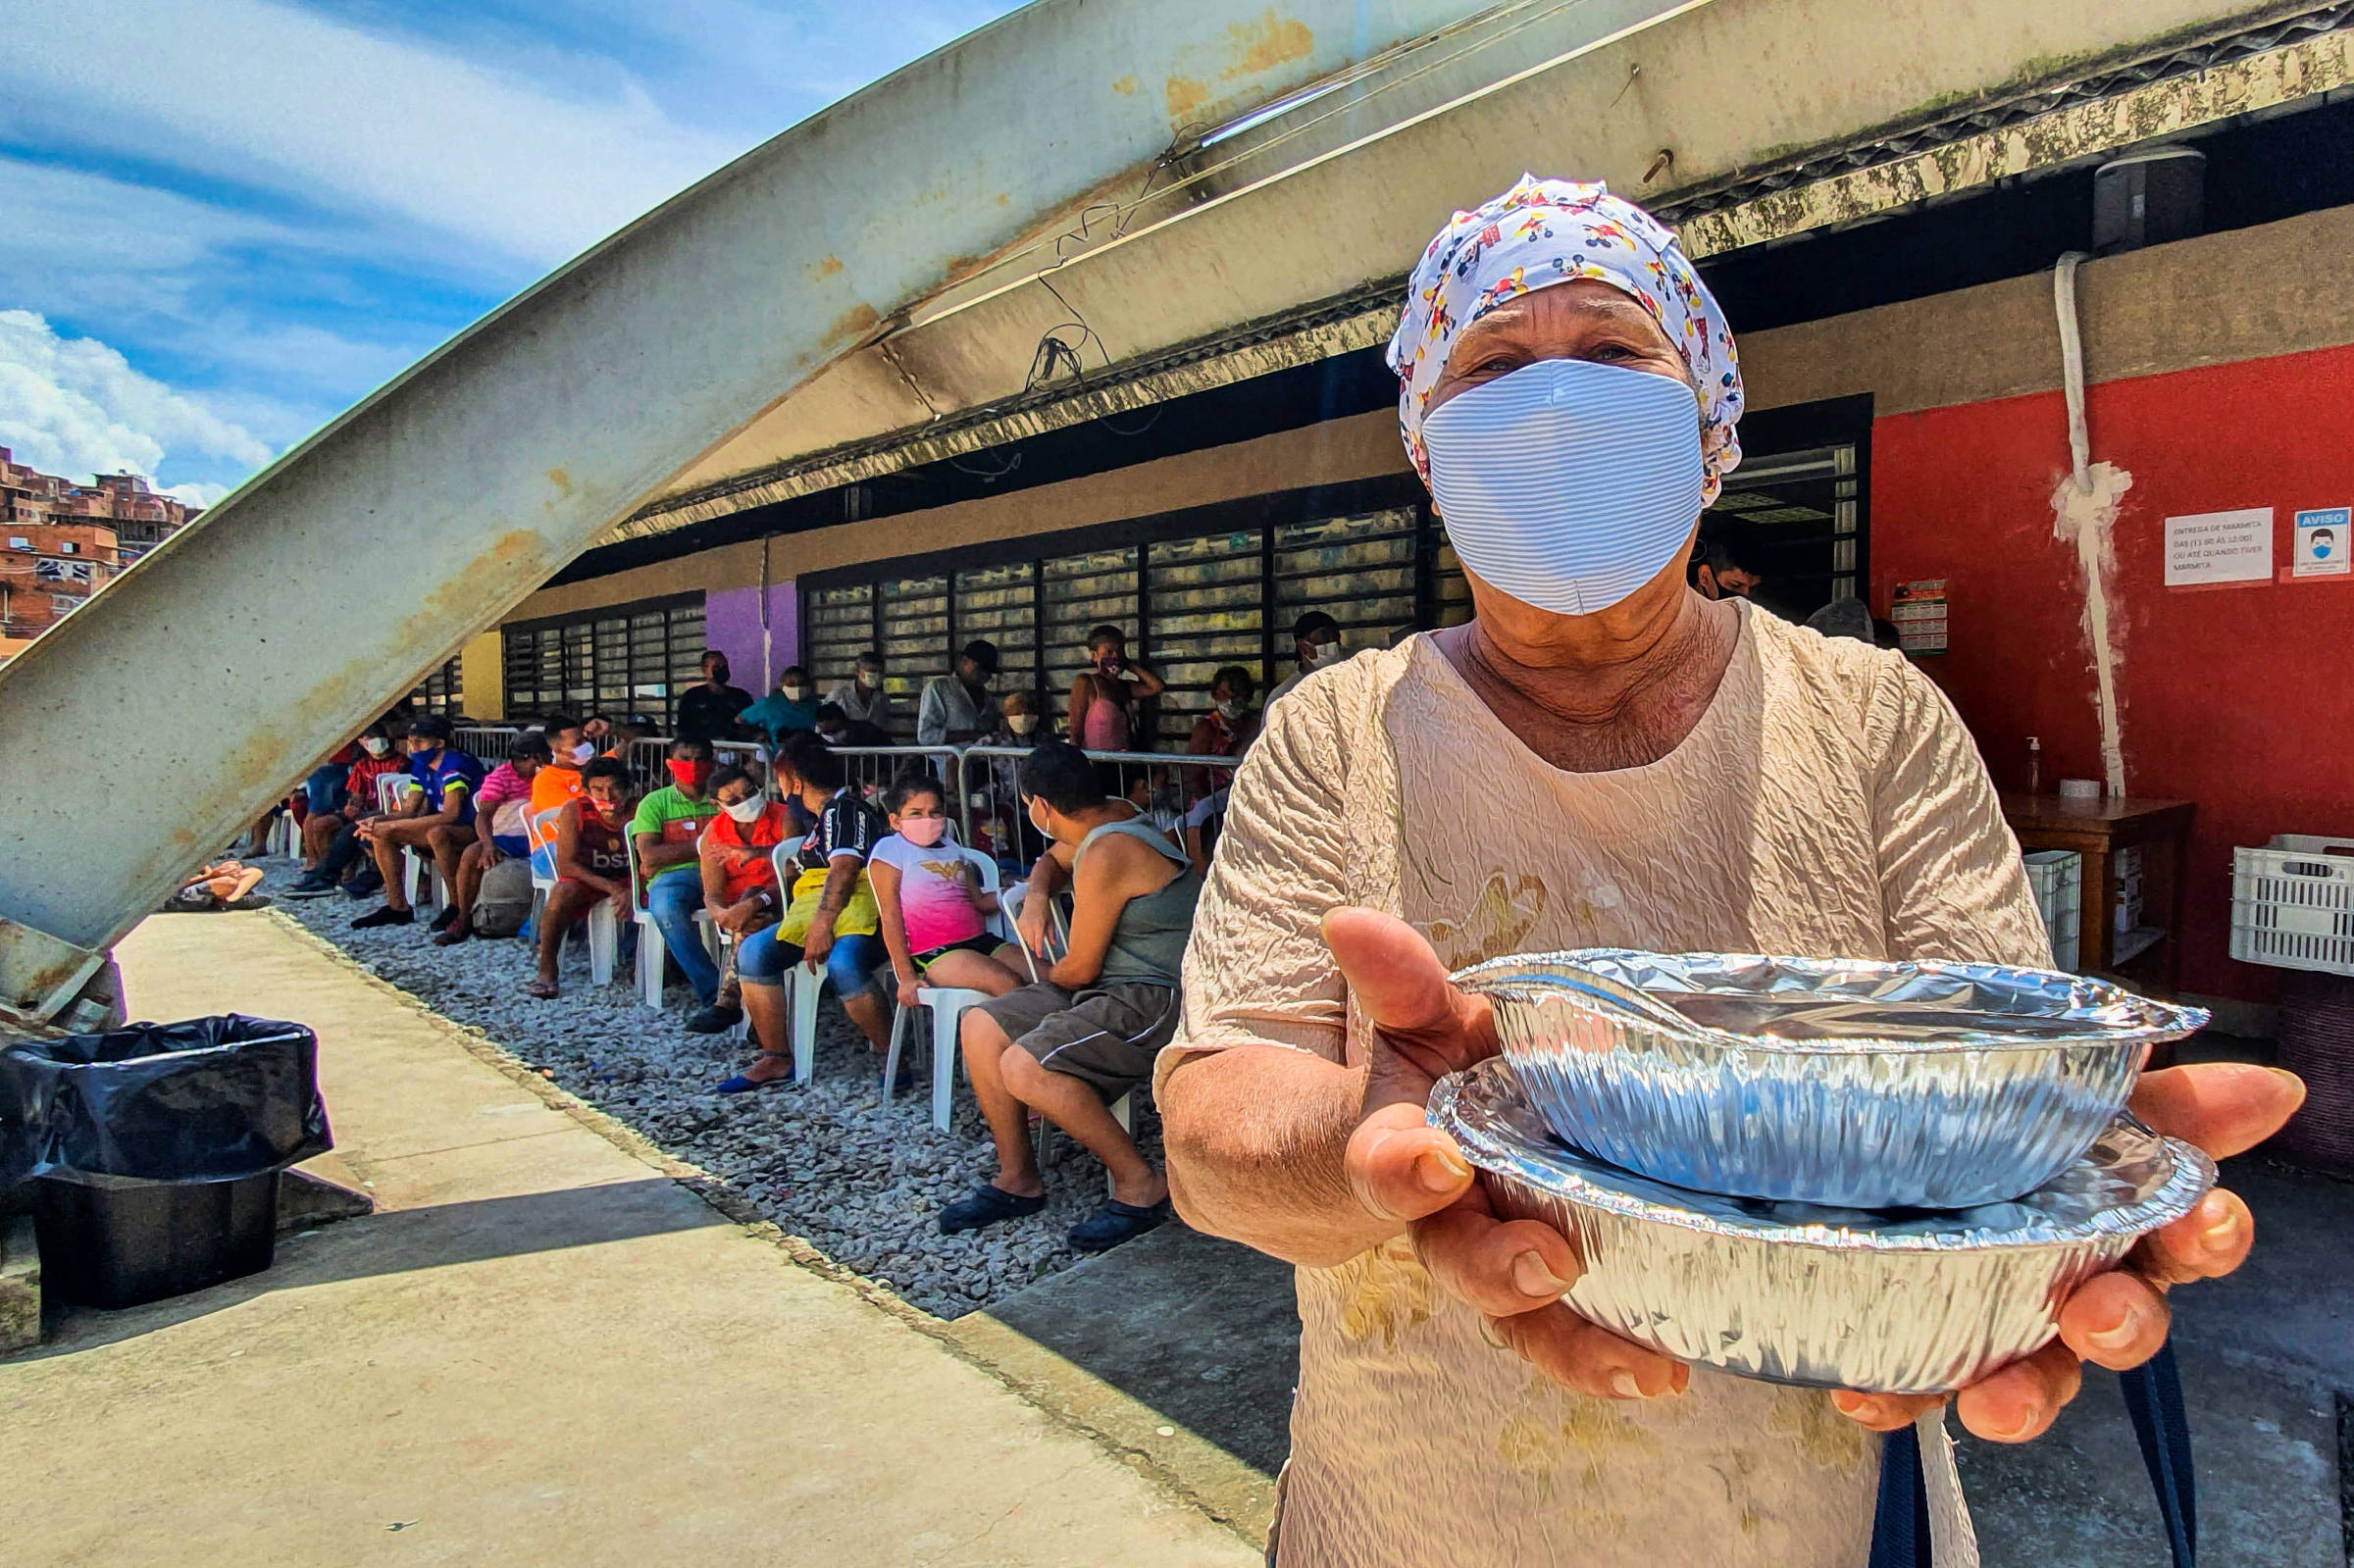 Com crise sanitária em fase crítica, aumenta a demanda por doações; saiba como ajudar - Divulgação / Caio Caciporé